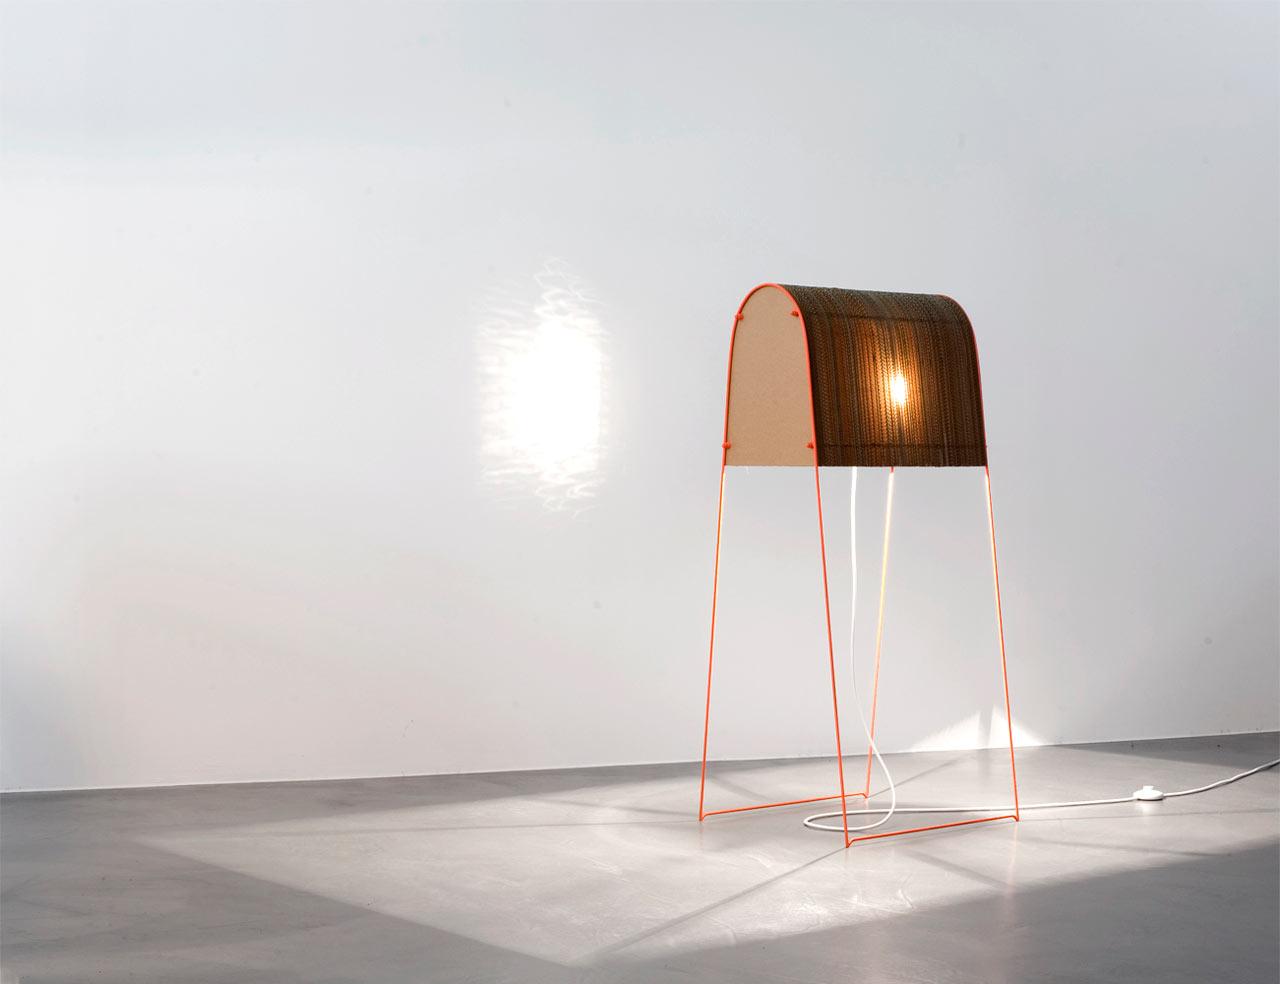 cardboard-metal-lamp-grandma-nico-goebel-3